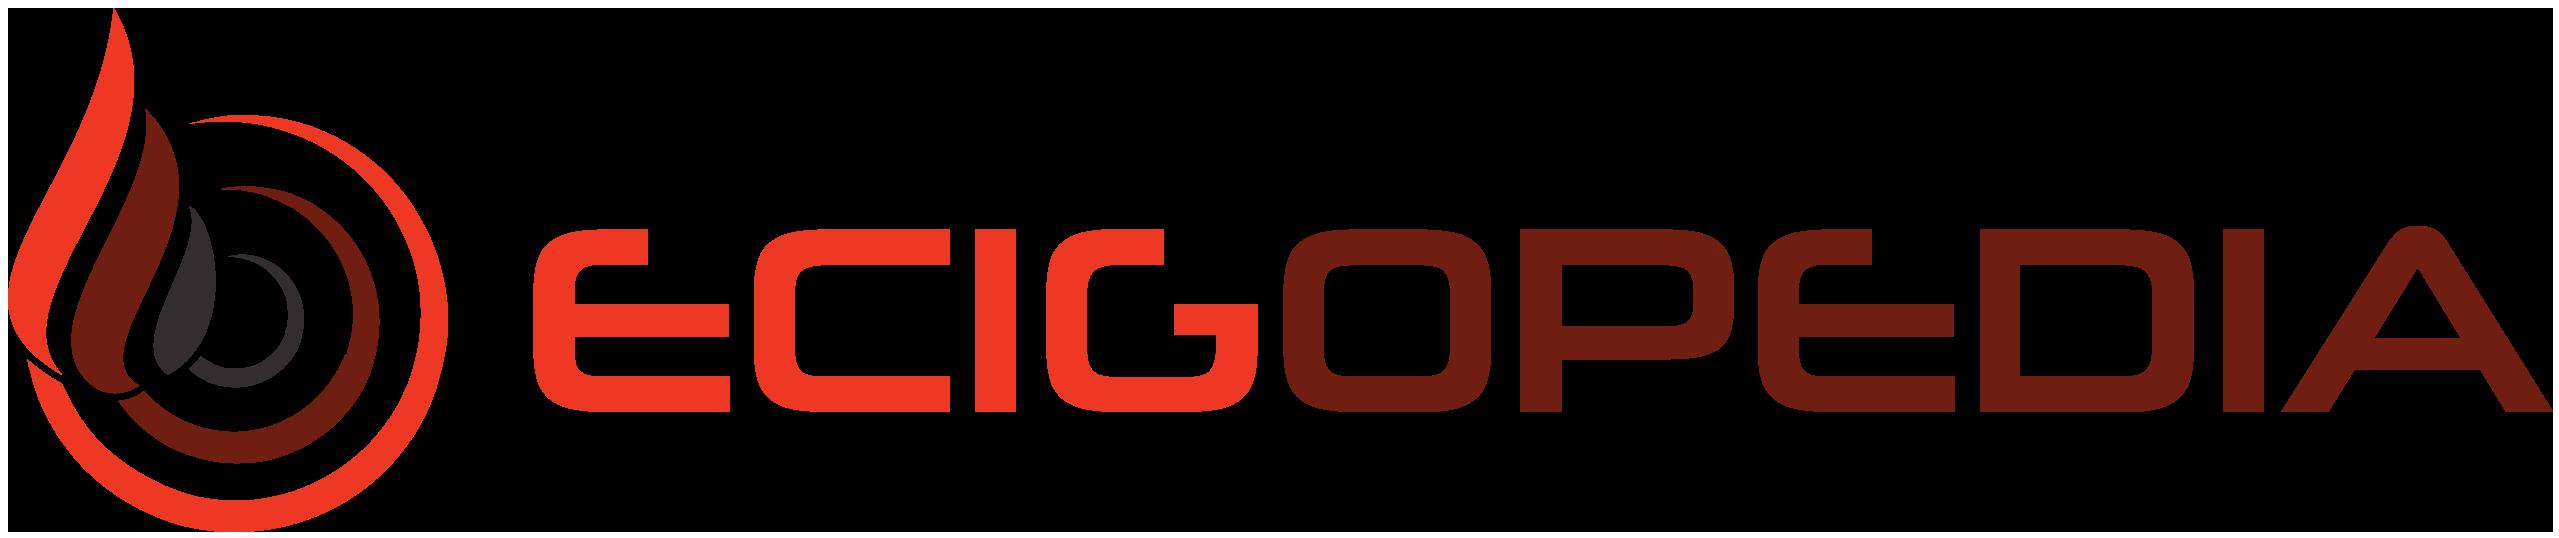 Ecigopedia